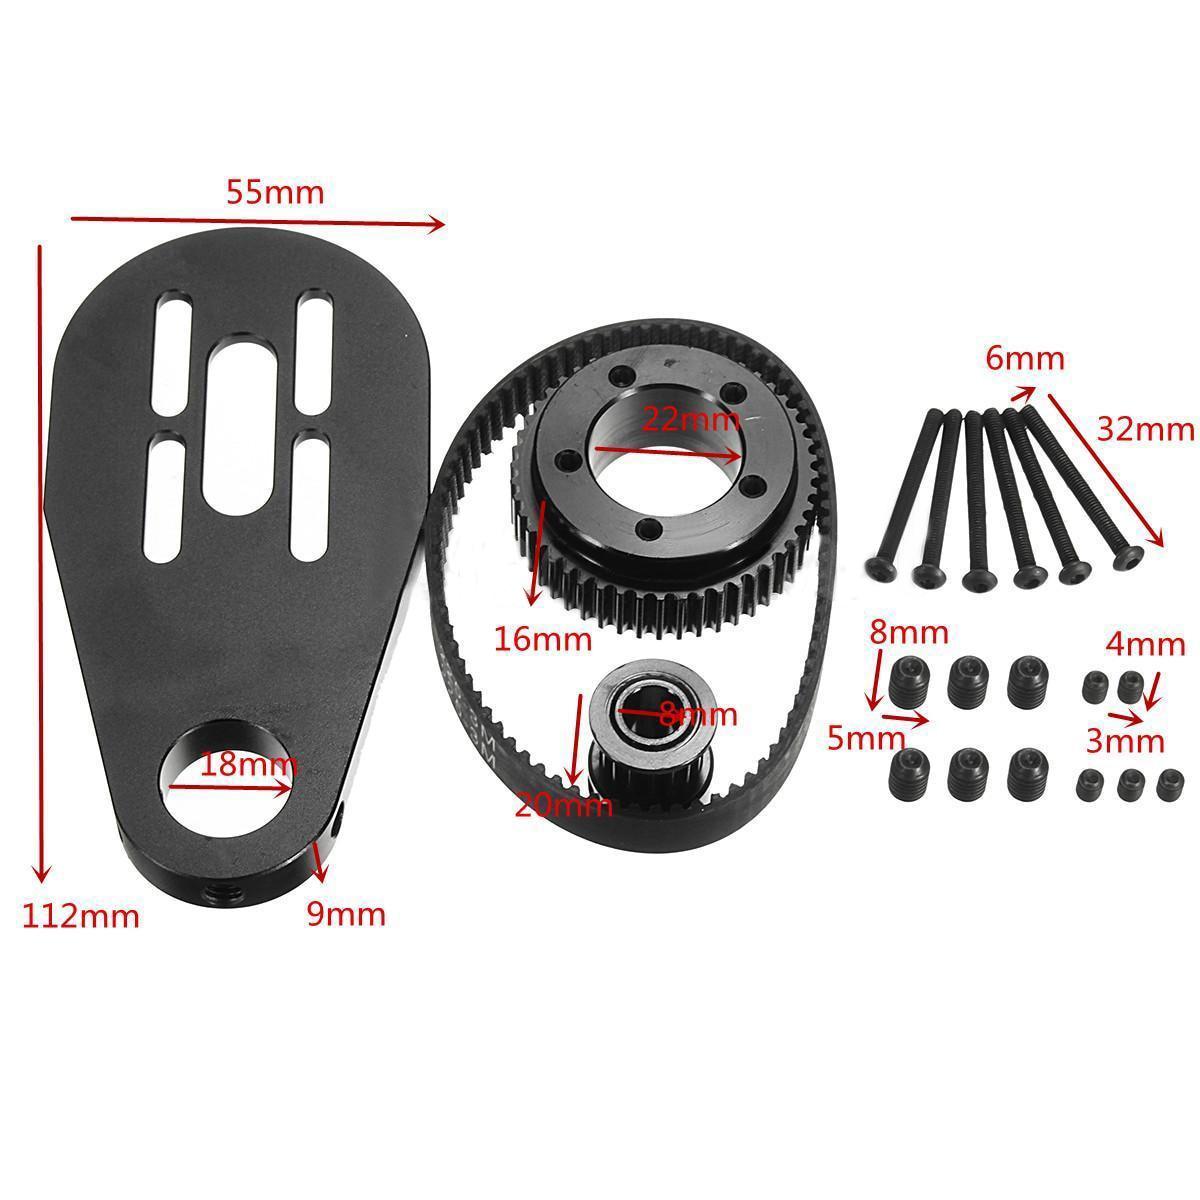 Kit de correa de montaje de polea de Motor de monopatín eléctrico Mayitr para polea de patín de 72mm 70mm con ruedas de acero inoxidable